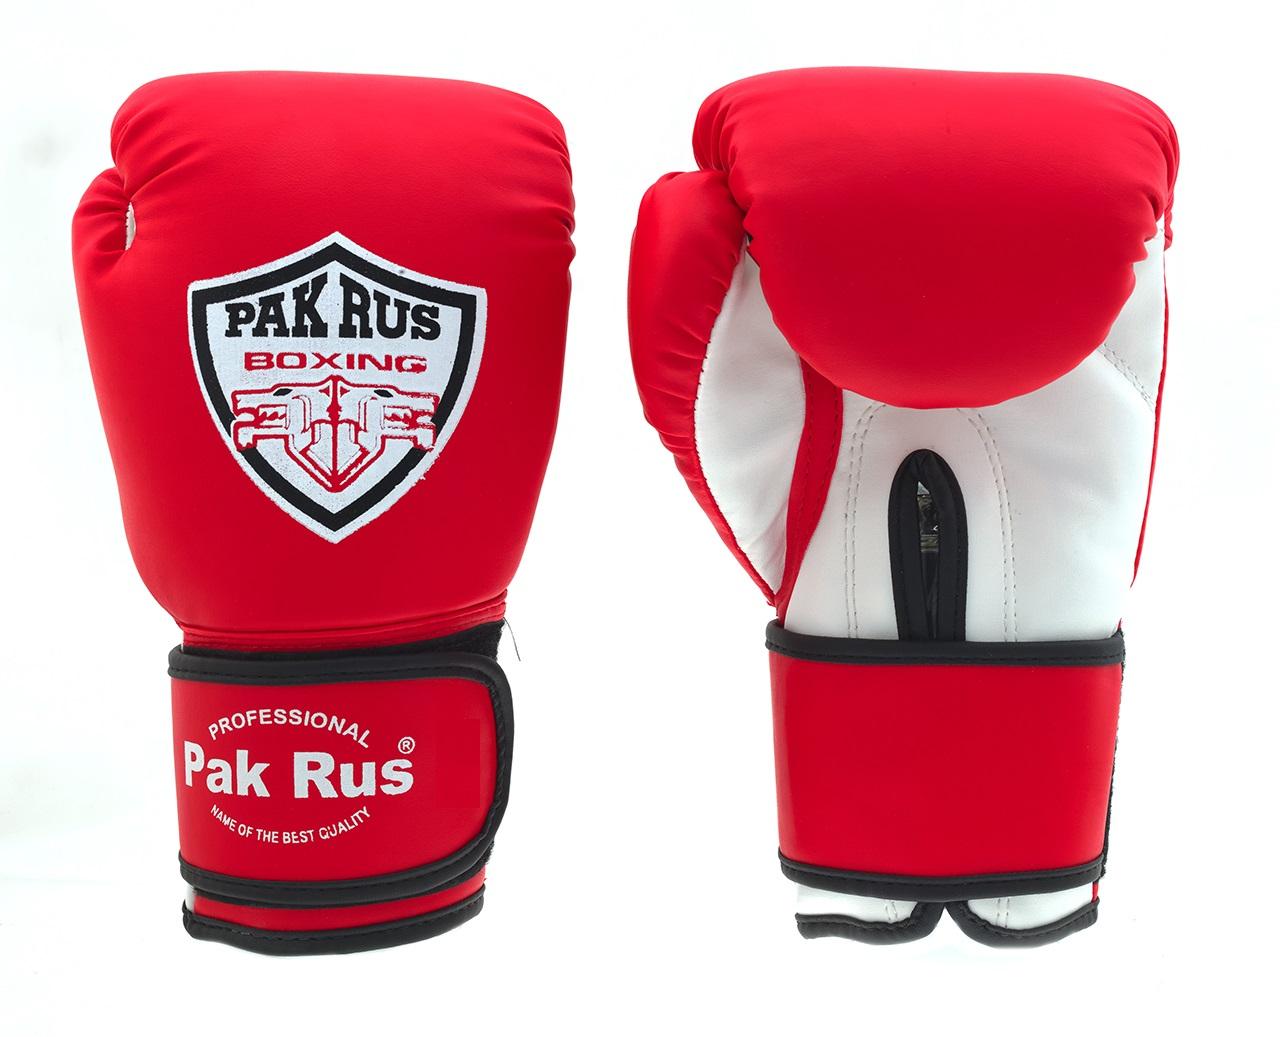 Перчатки боксерские Pak Rus, искусственная кожа Amiko, 12 OZ, PR-11-008 - артикул: 800900392